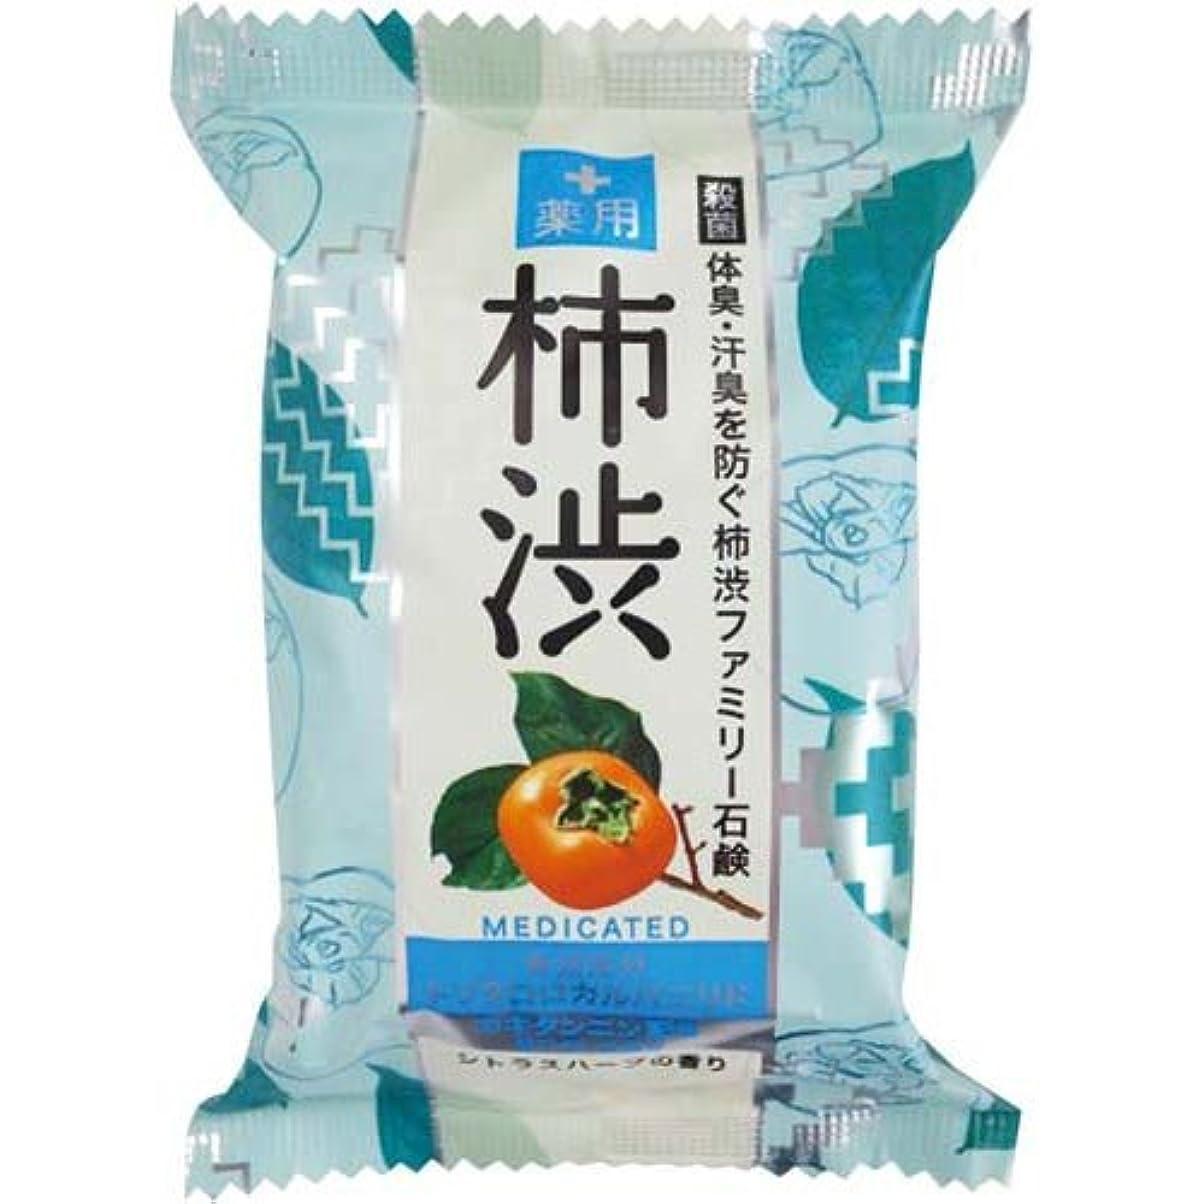 モータースイッチ偶然ペリカン石鹸 薬用ファミリー柿渋石鹸×6個×4箱